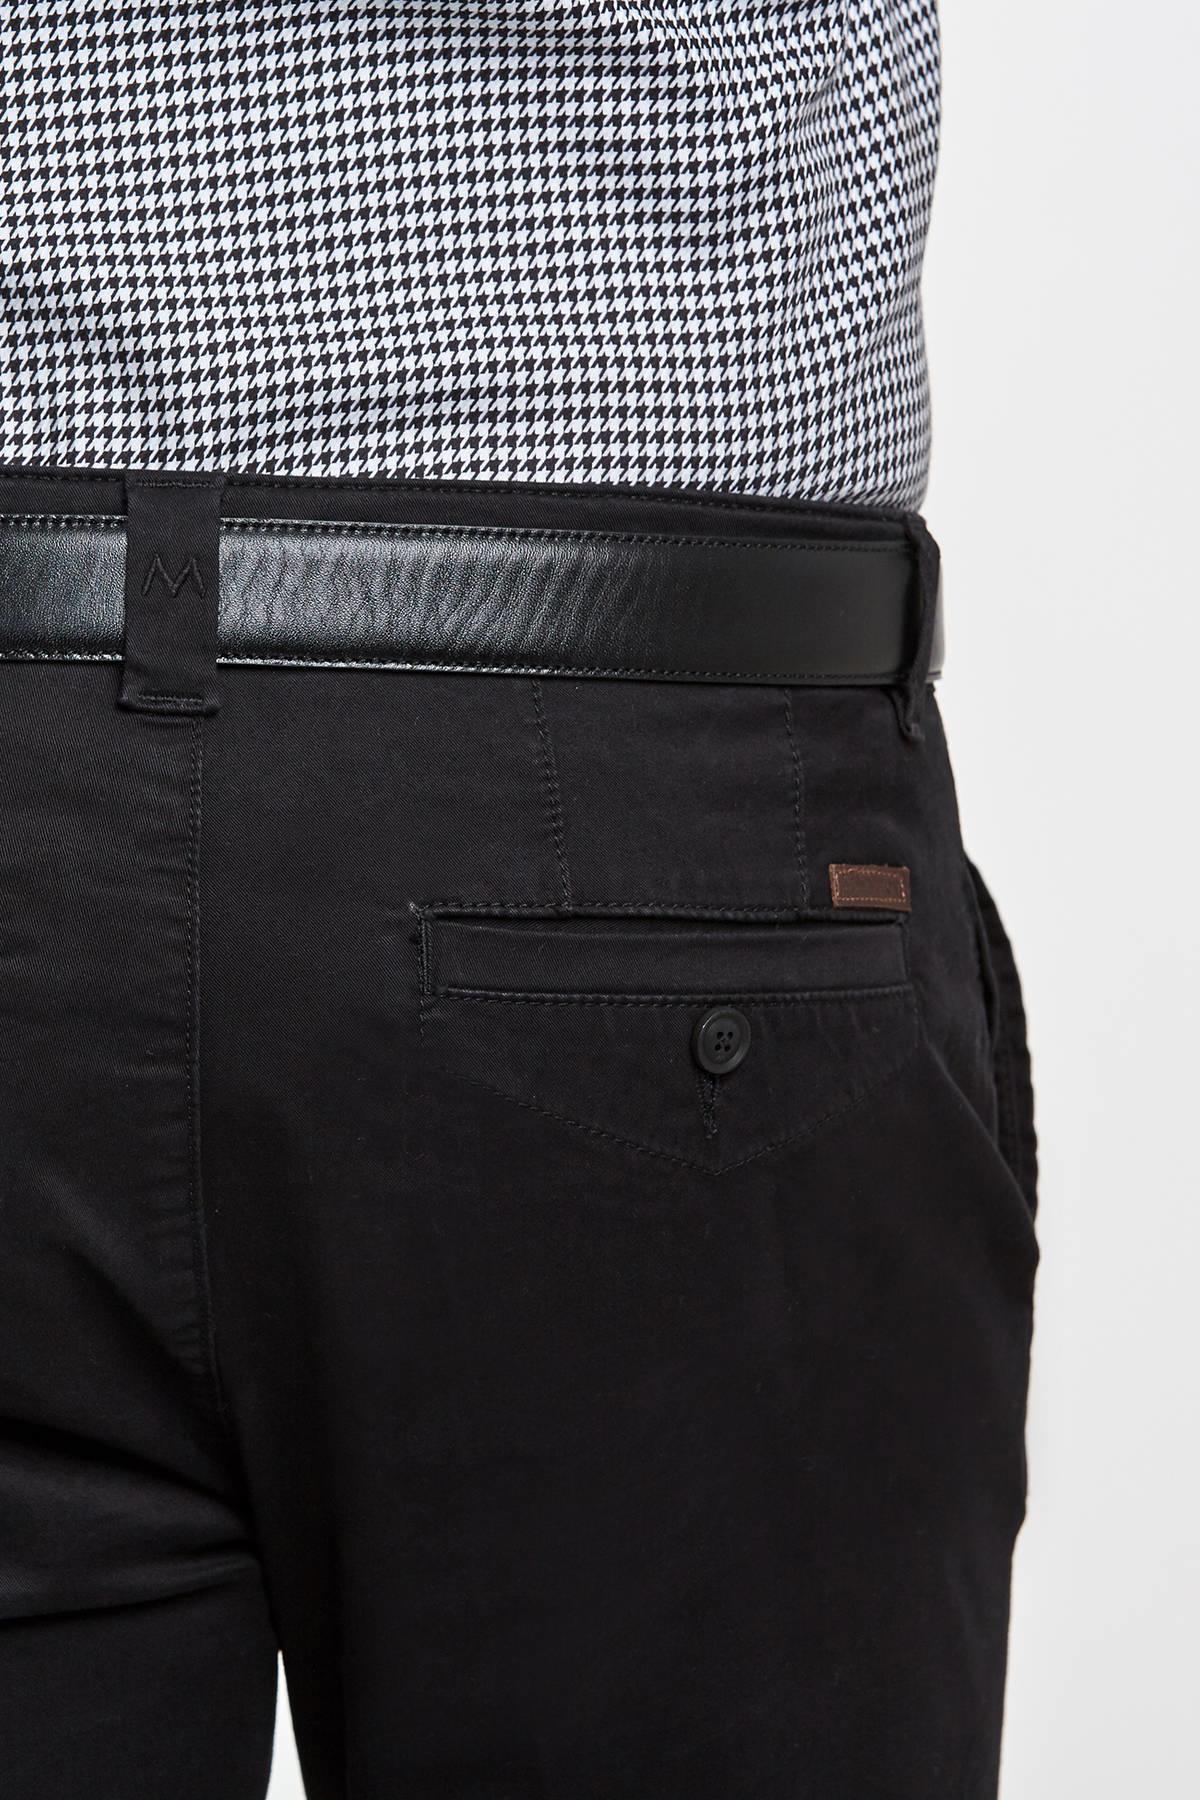 Pamuk Siyah Chino Pantolon